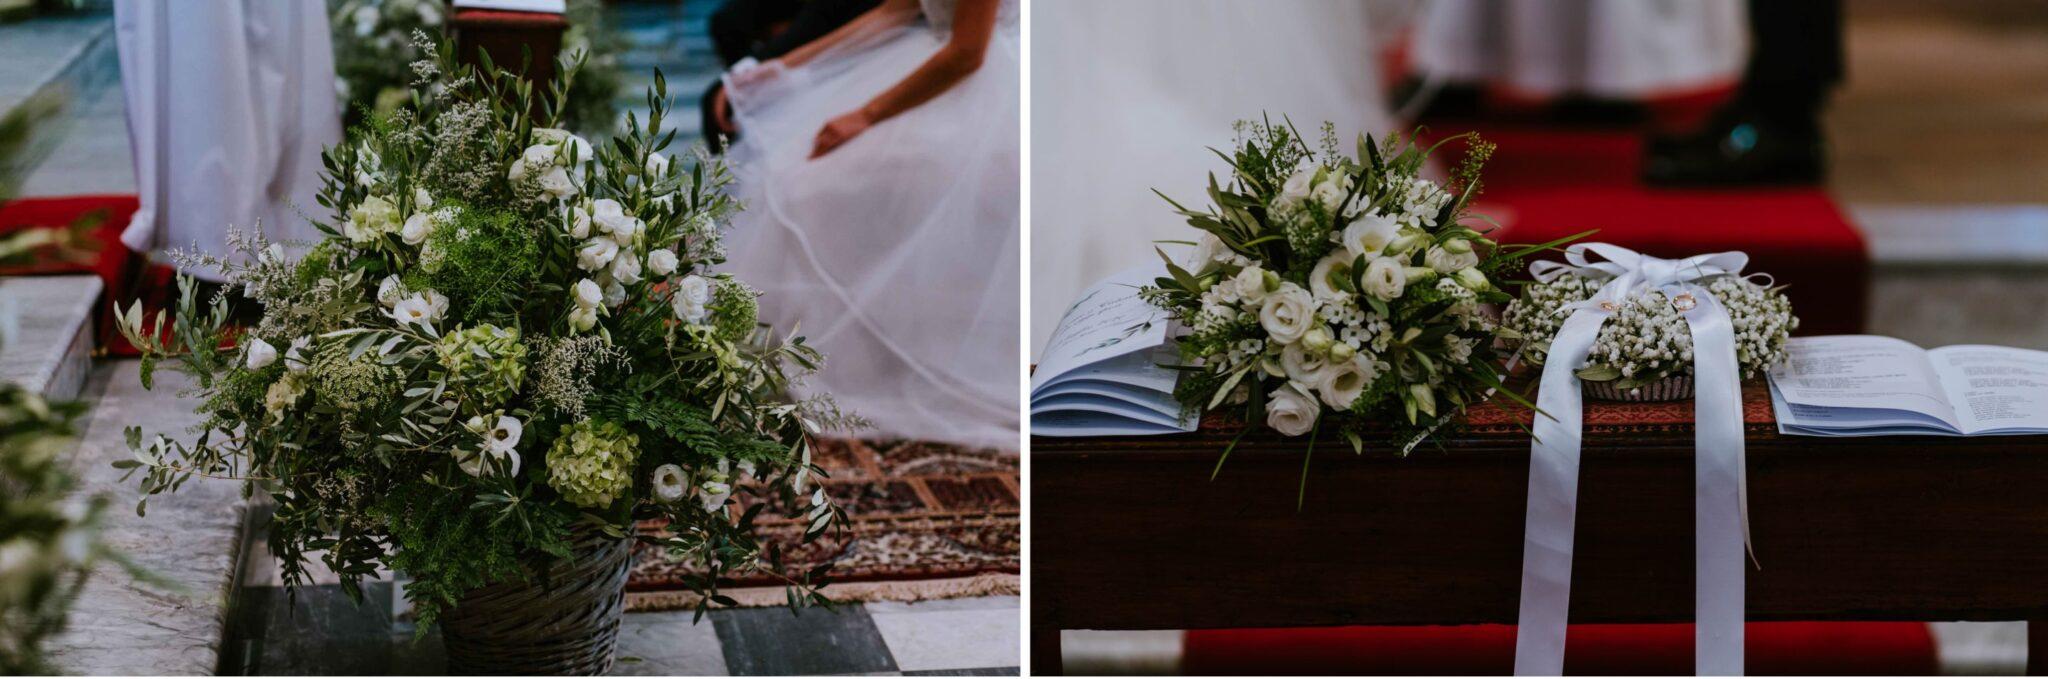 allestimento fiori alla chiesa di Altopascio